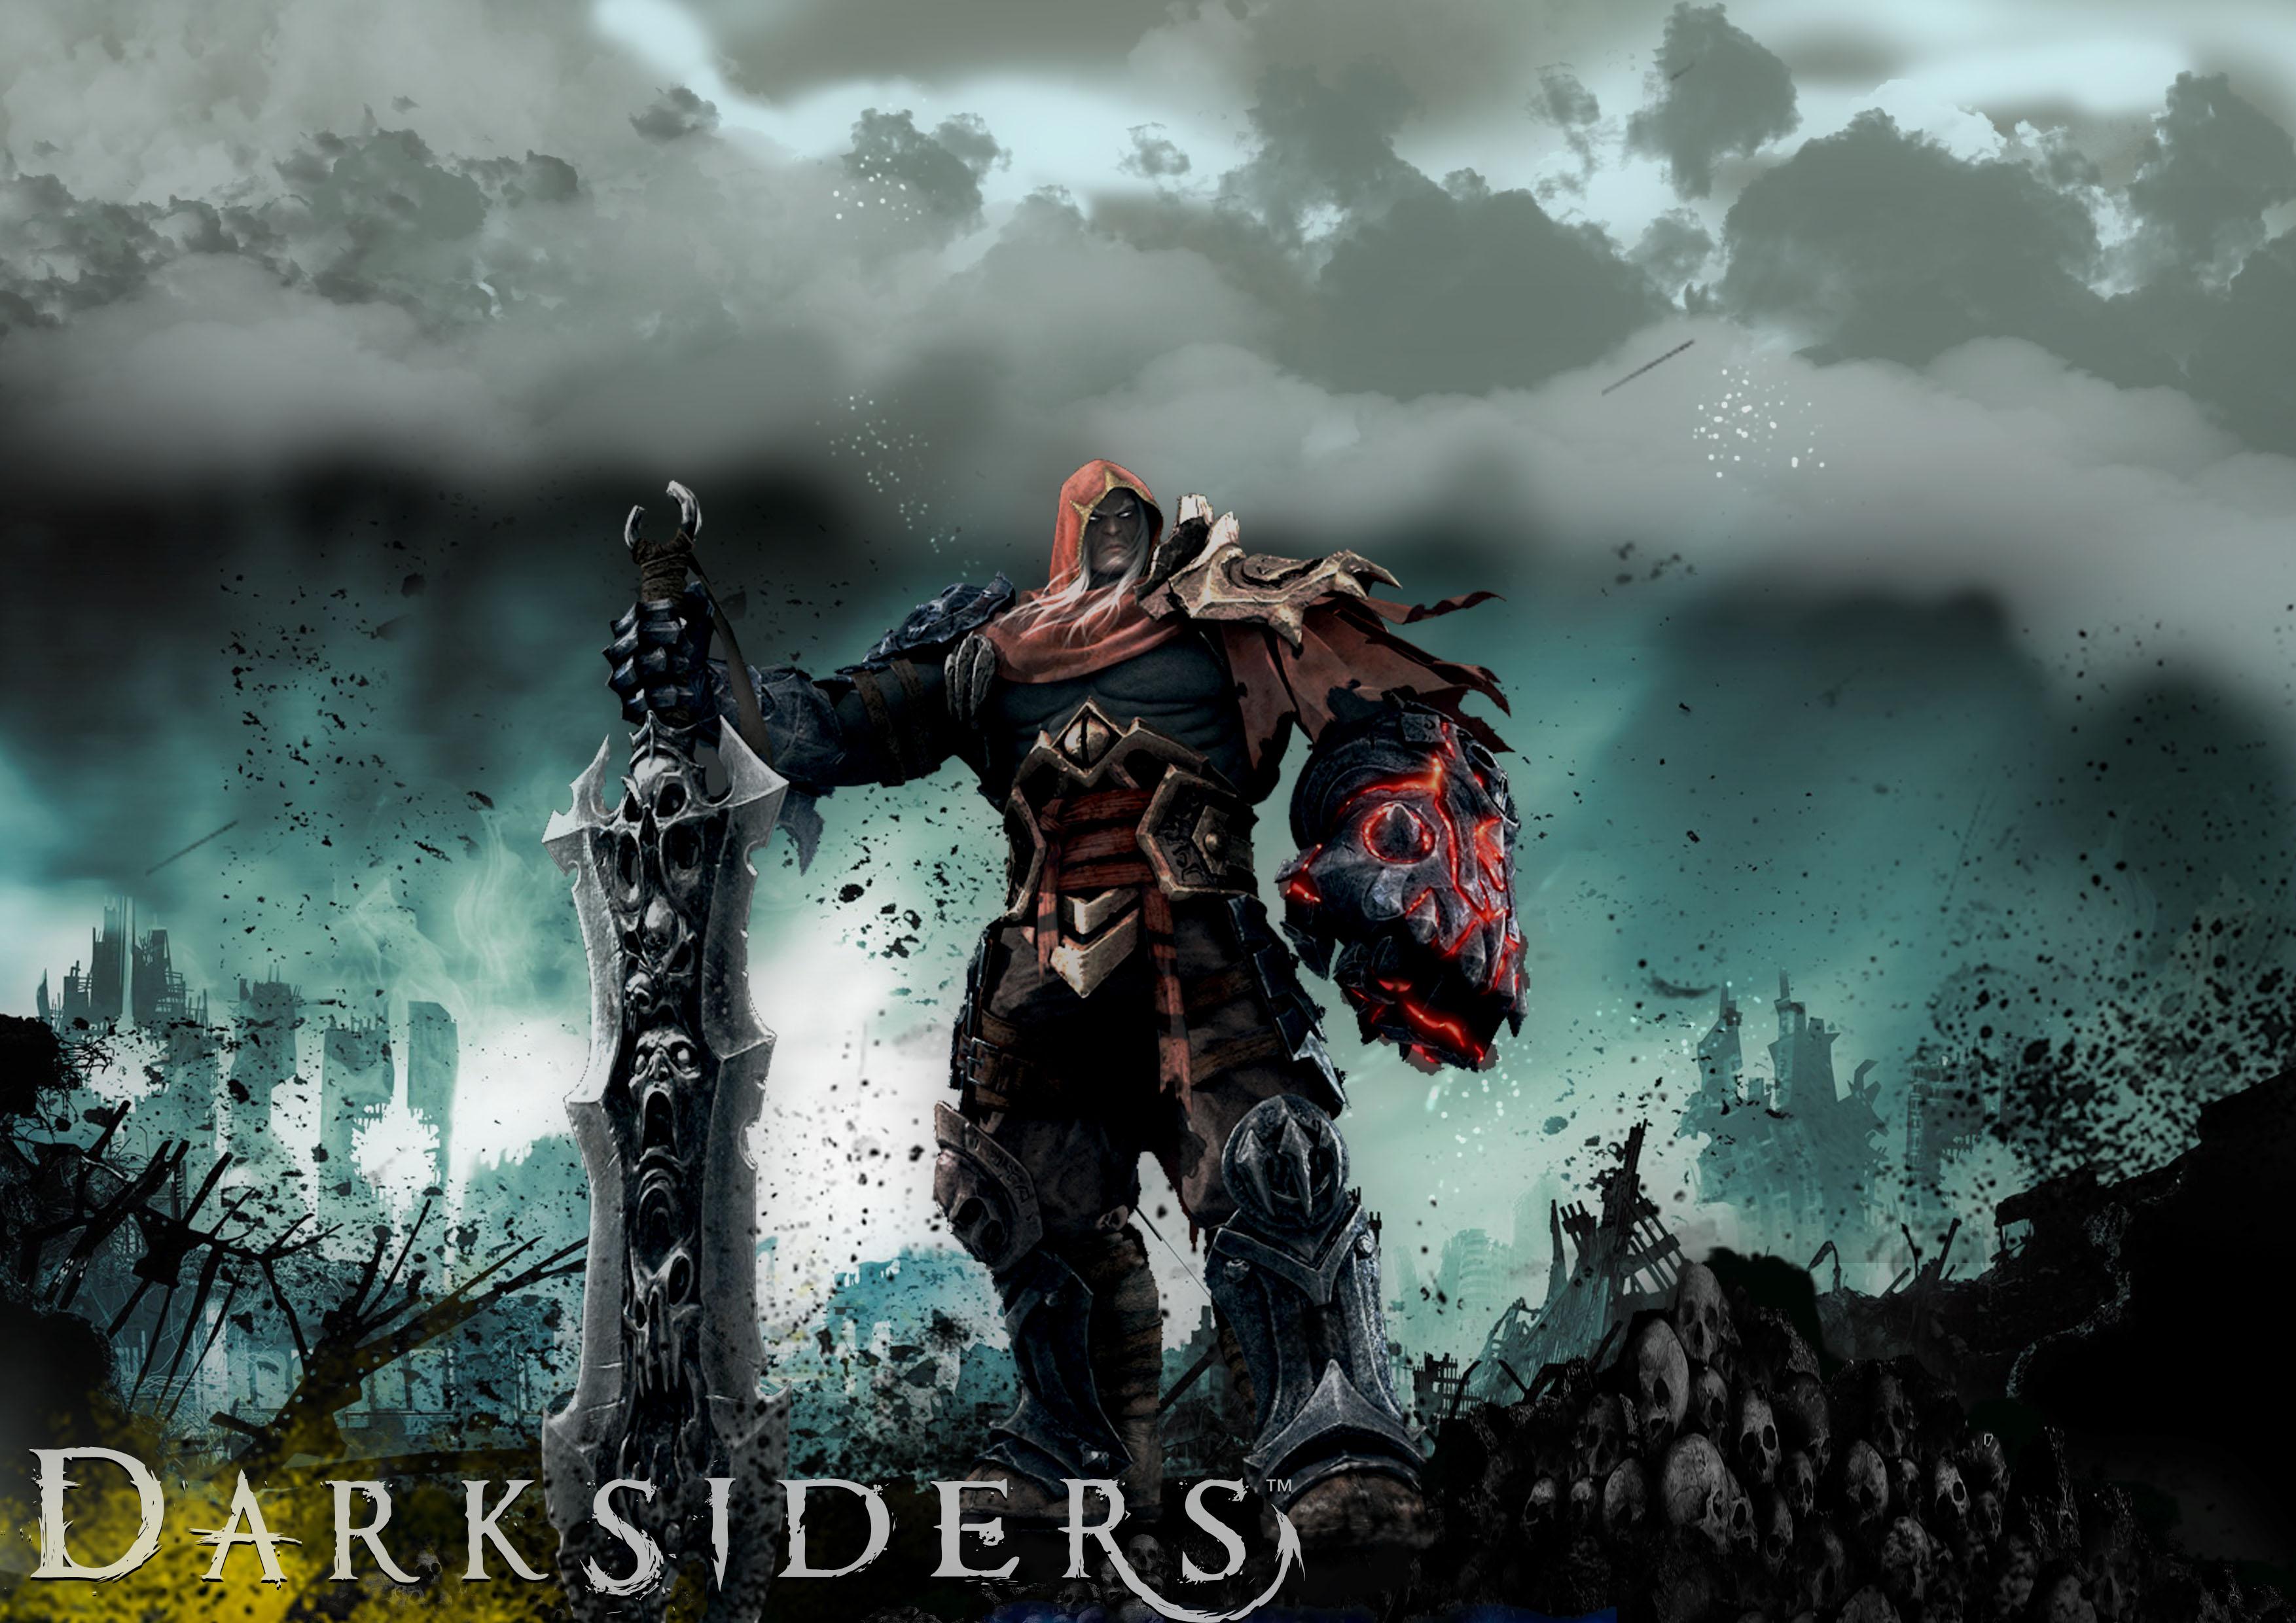 Darksiders Warmastered Edition e Darksiders II estão com um grande desconto no Wii U eShop